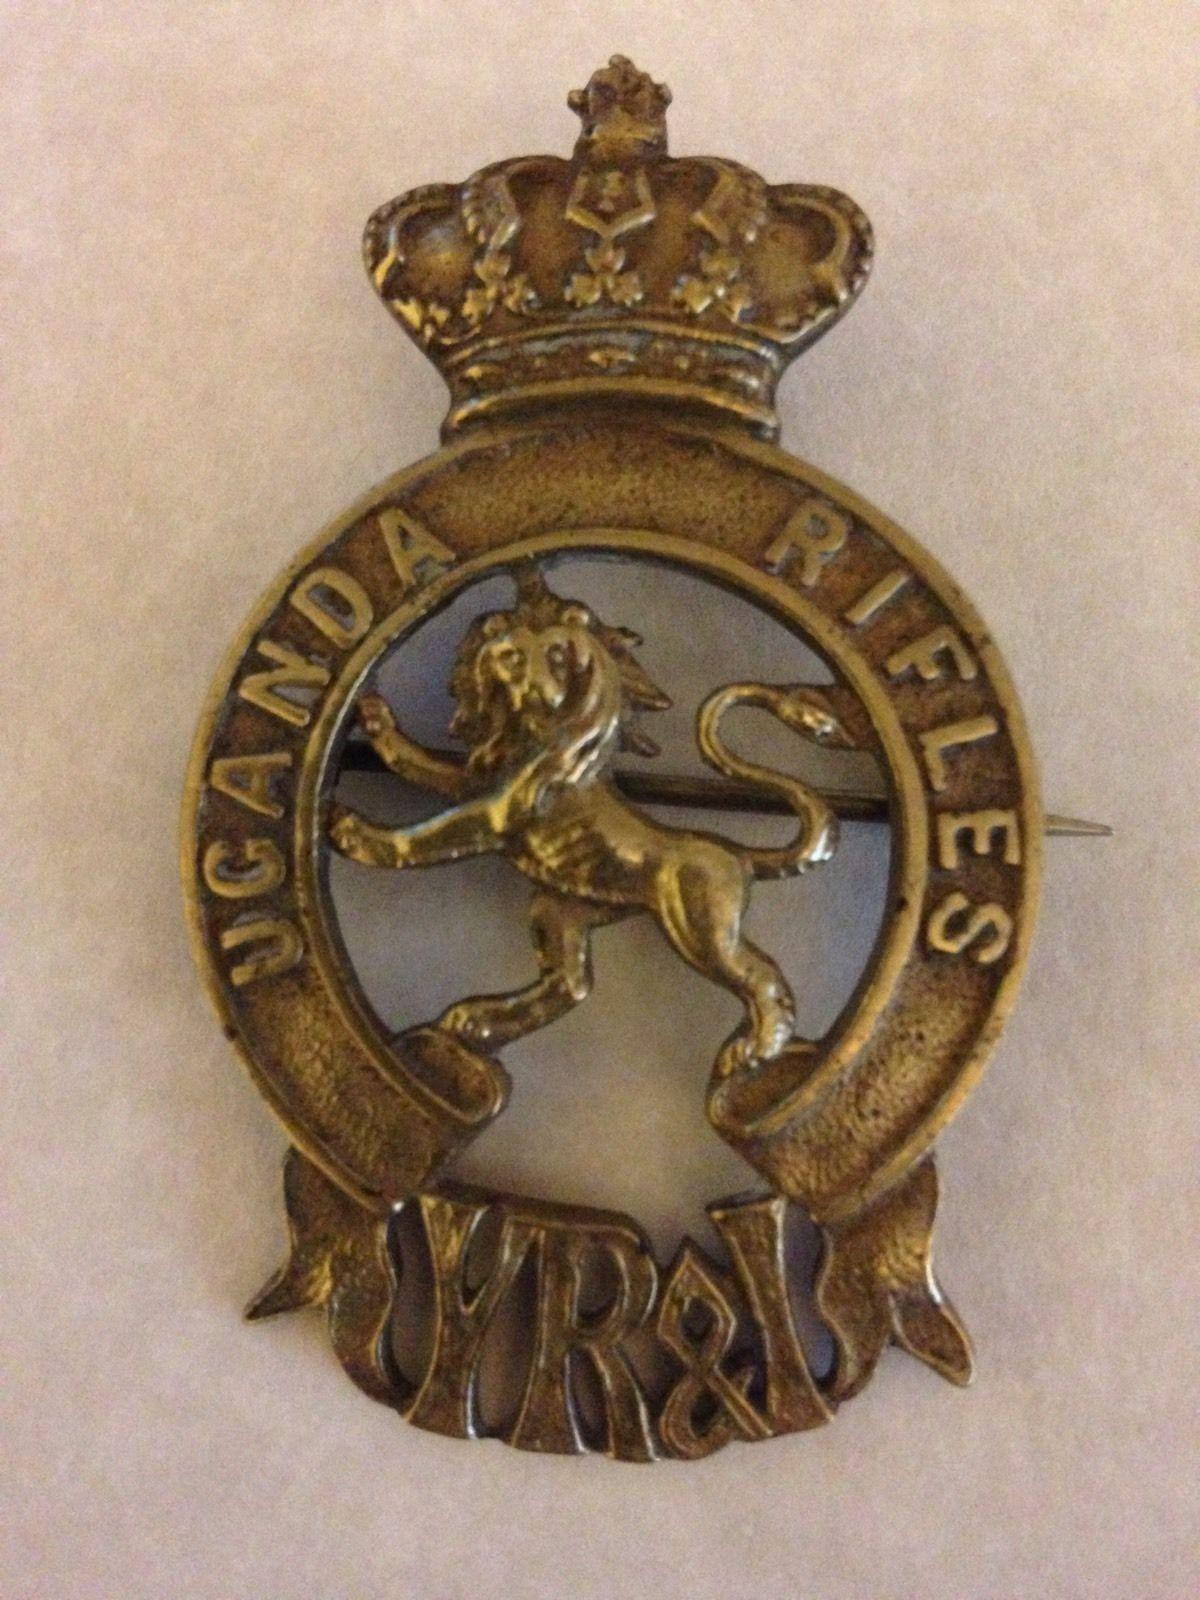 Uganda Rifles Cap Badge